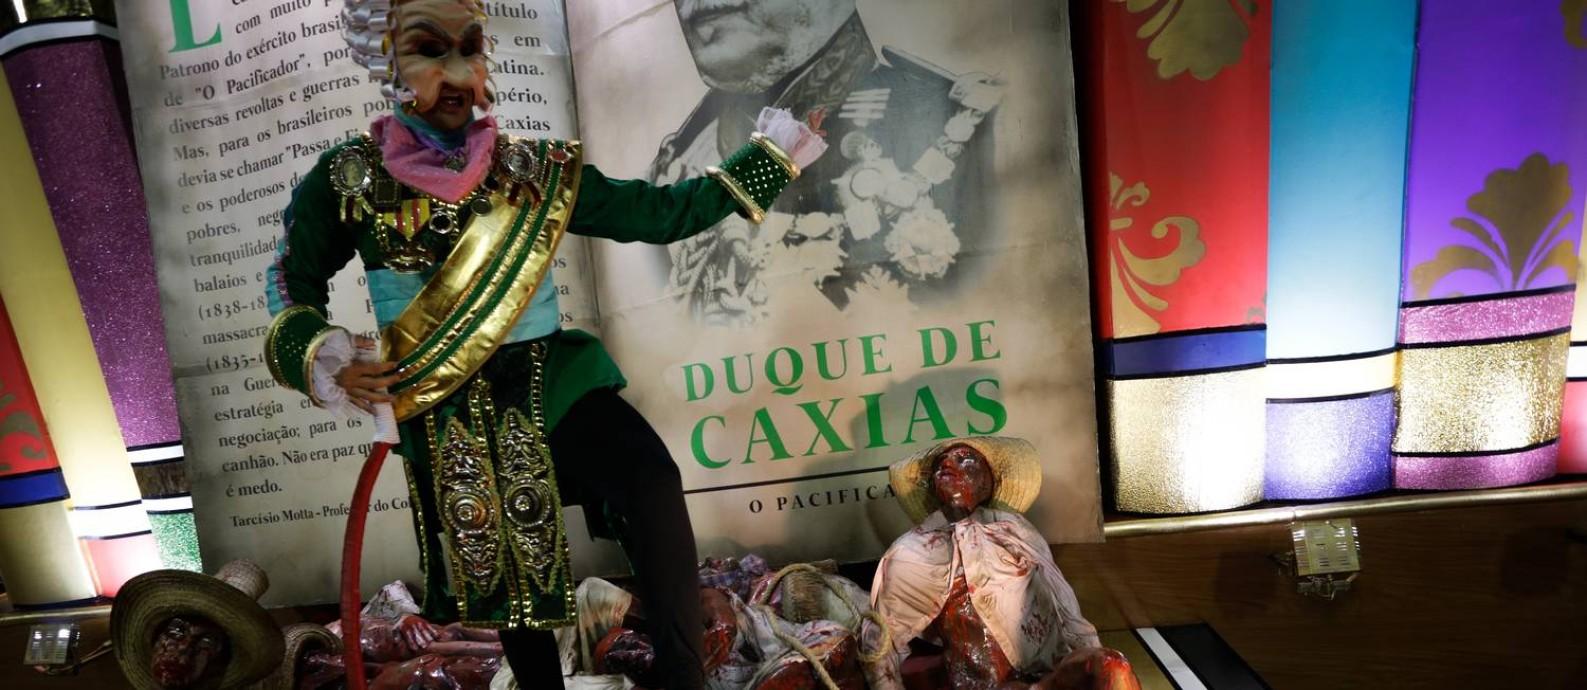 Mangueira criticou Duque de Caxias na última alegoria de seu desfile Foto: Antonio Scorza / Agência O Globo